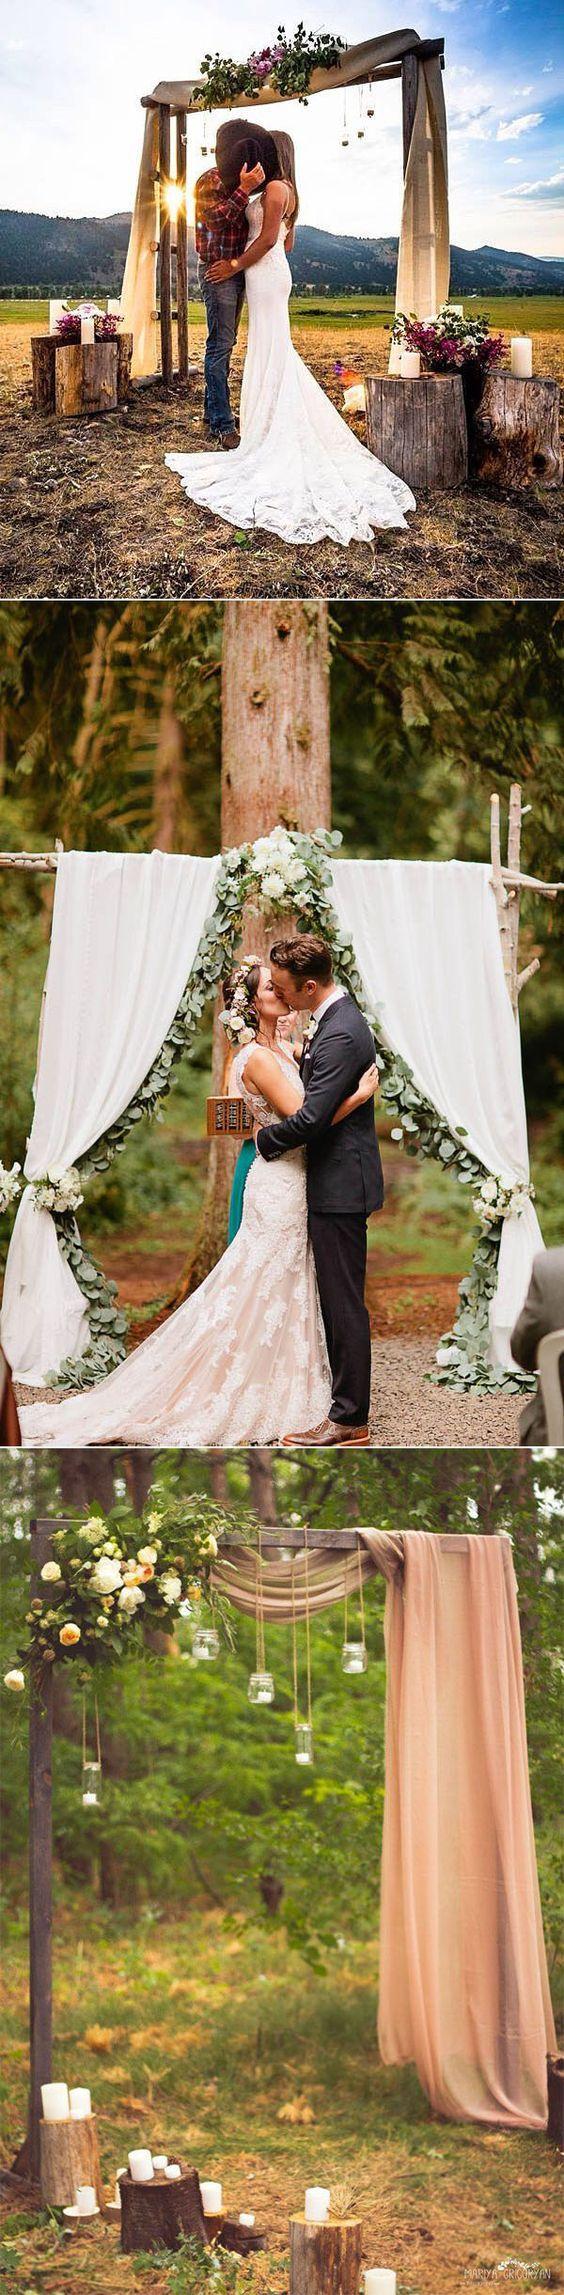 Romantic easy diy rustic wedding arches ideas wedding pinterest